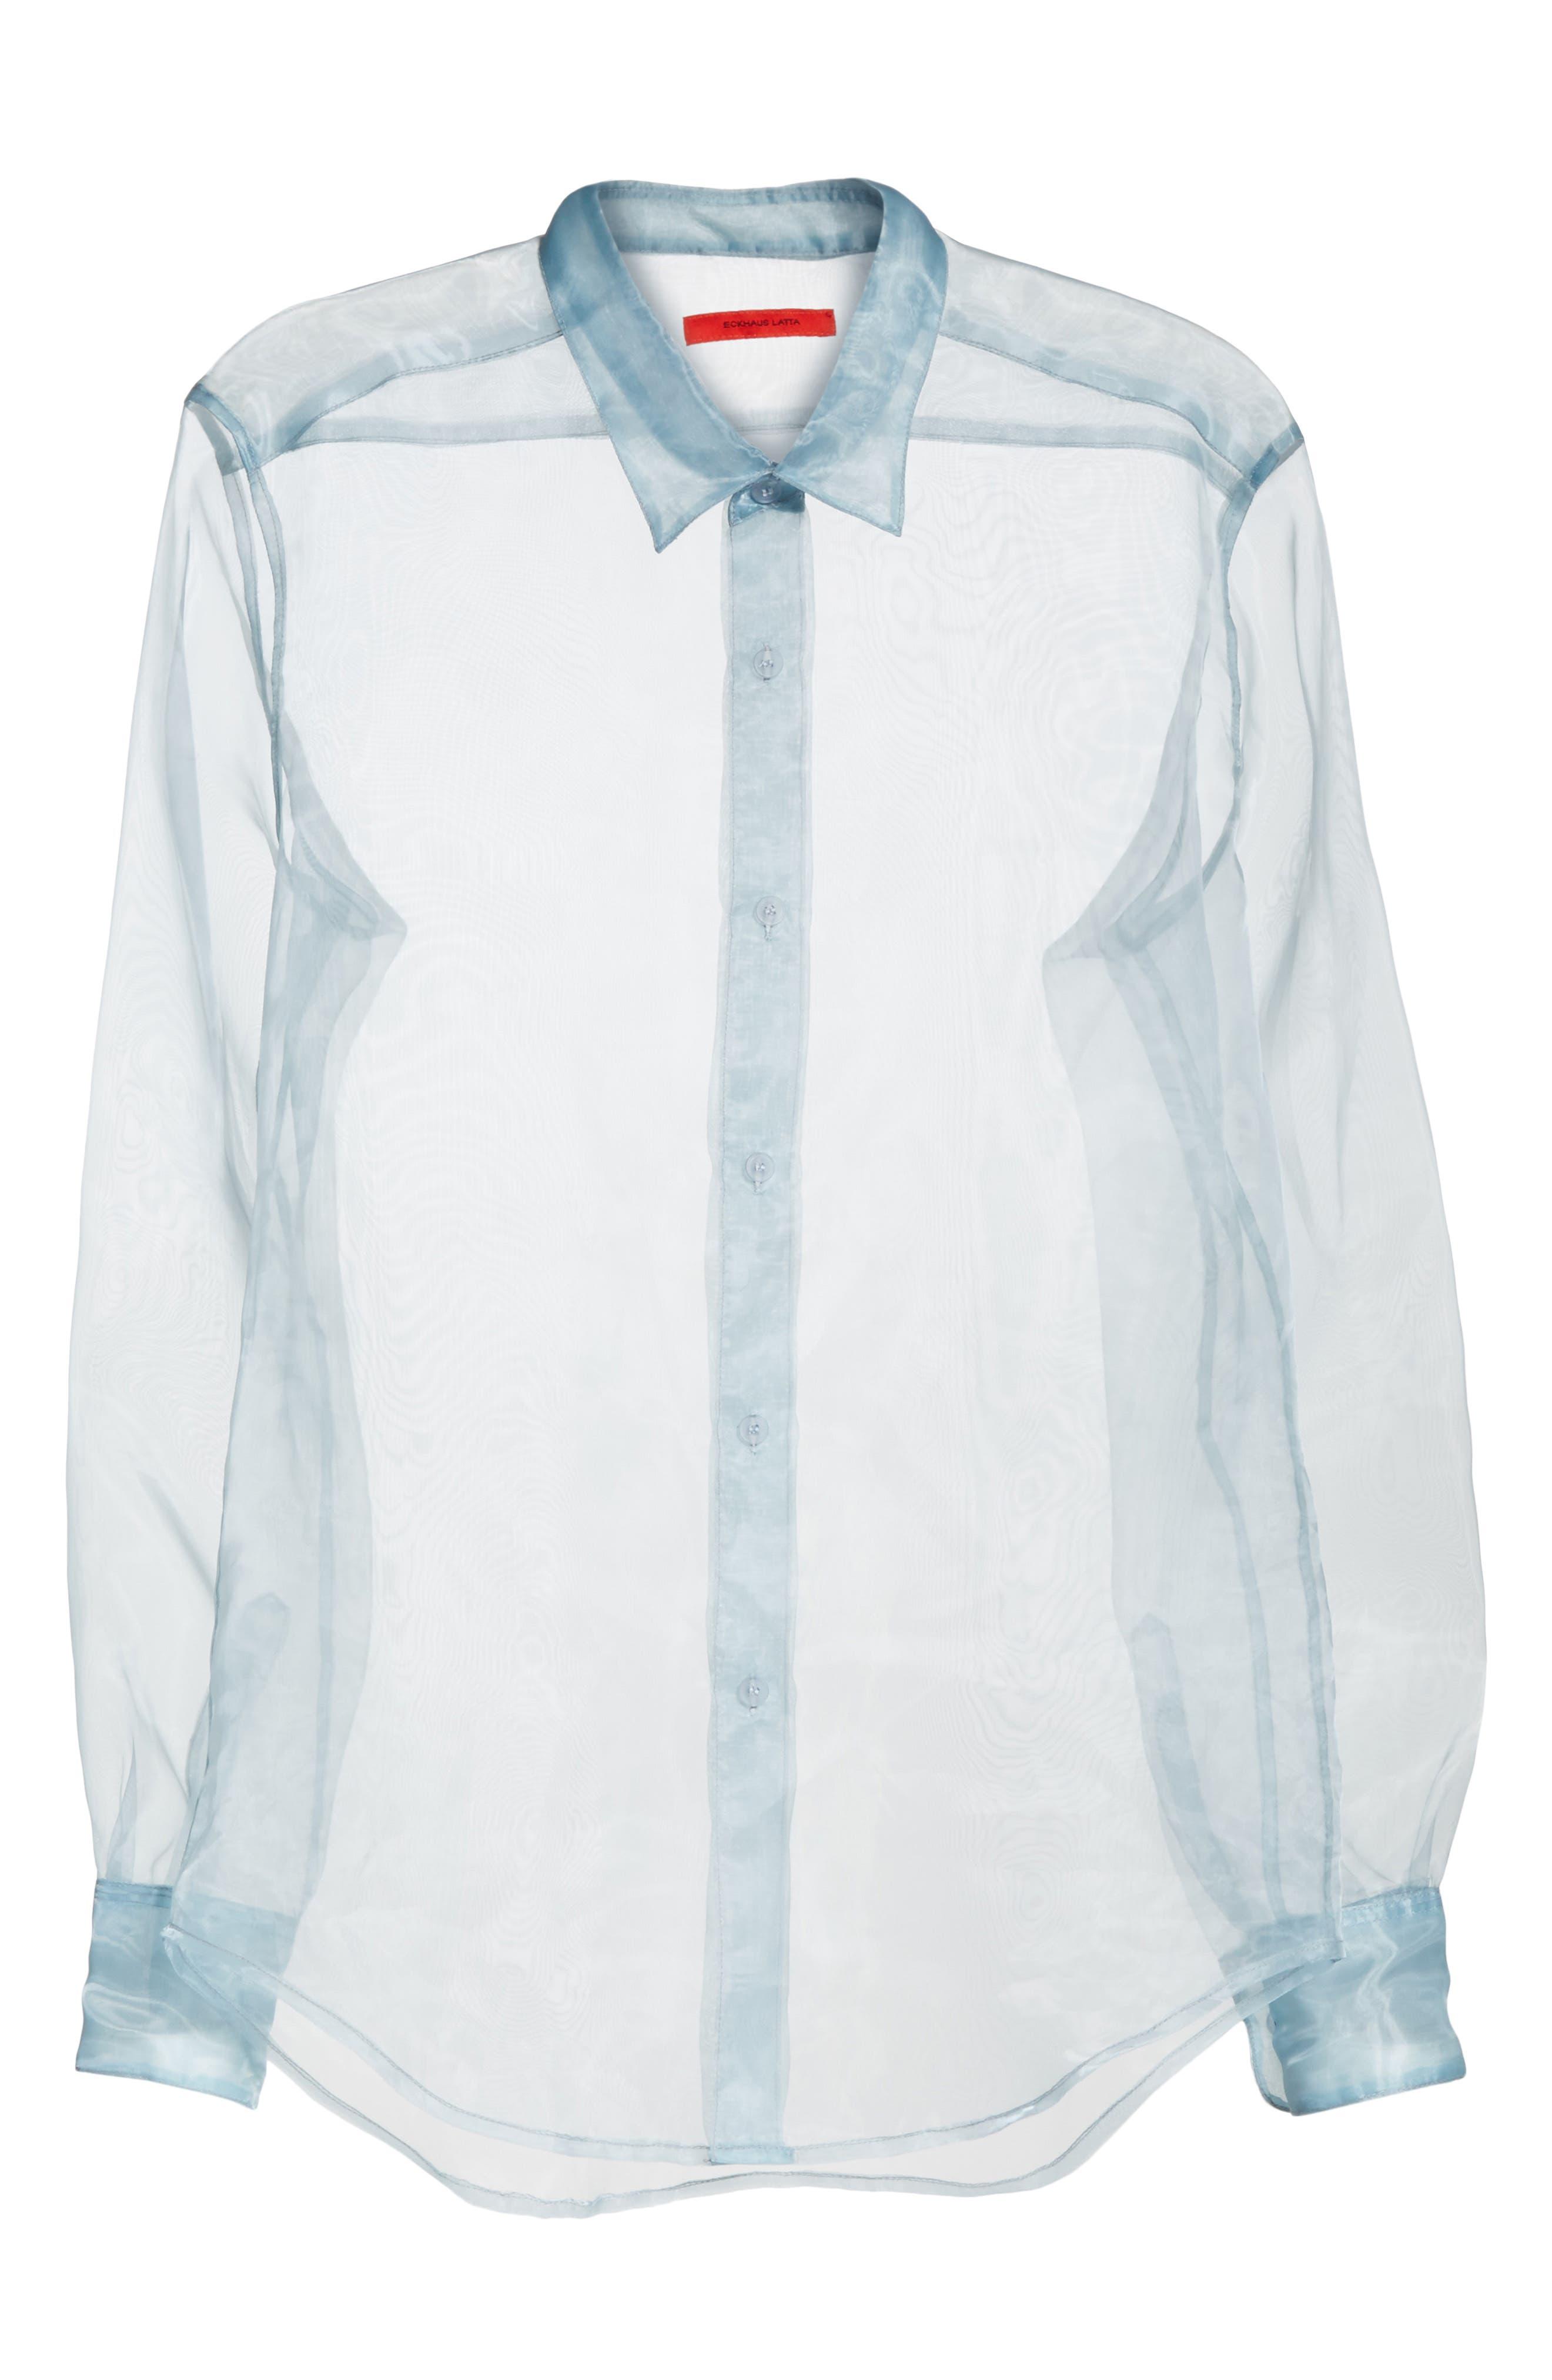 Iridescent Sheer Organza Shirt,                             Alternate thumbnail 6, color,                             400